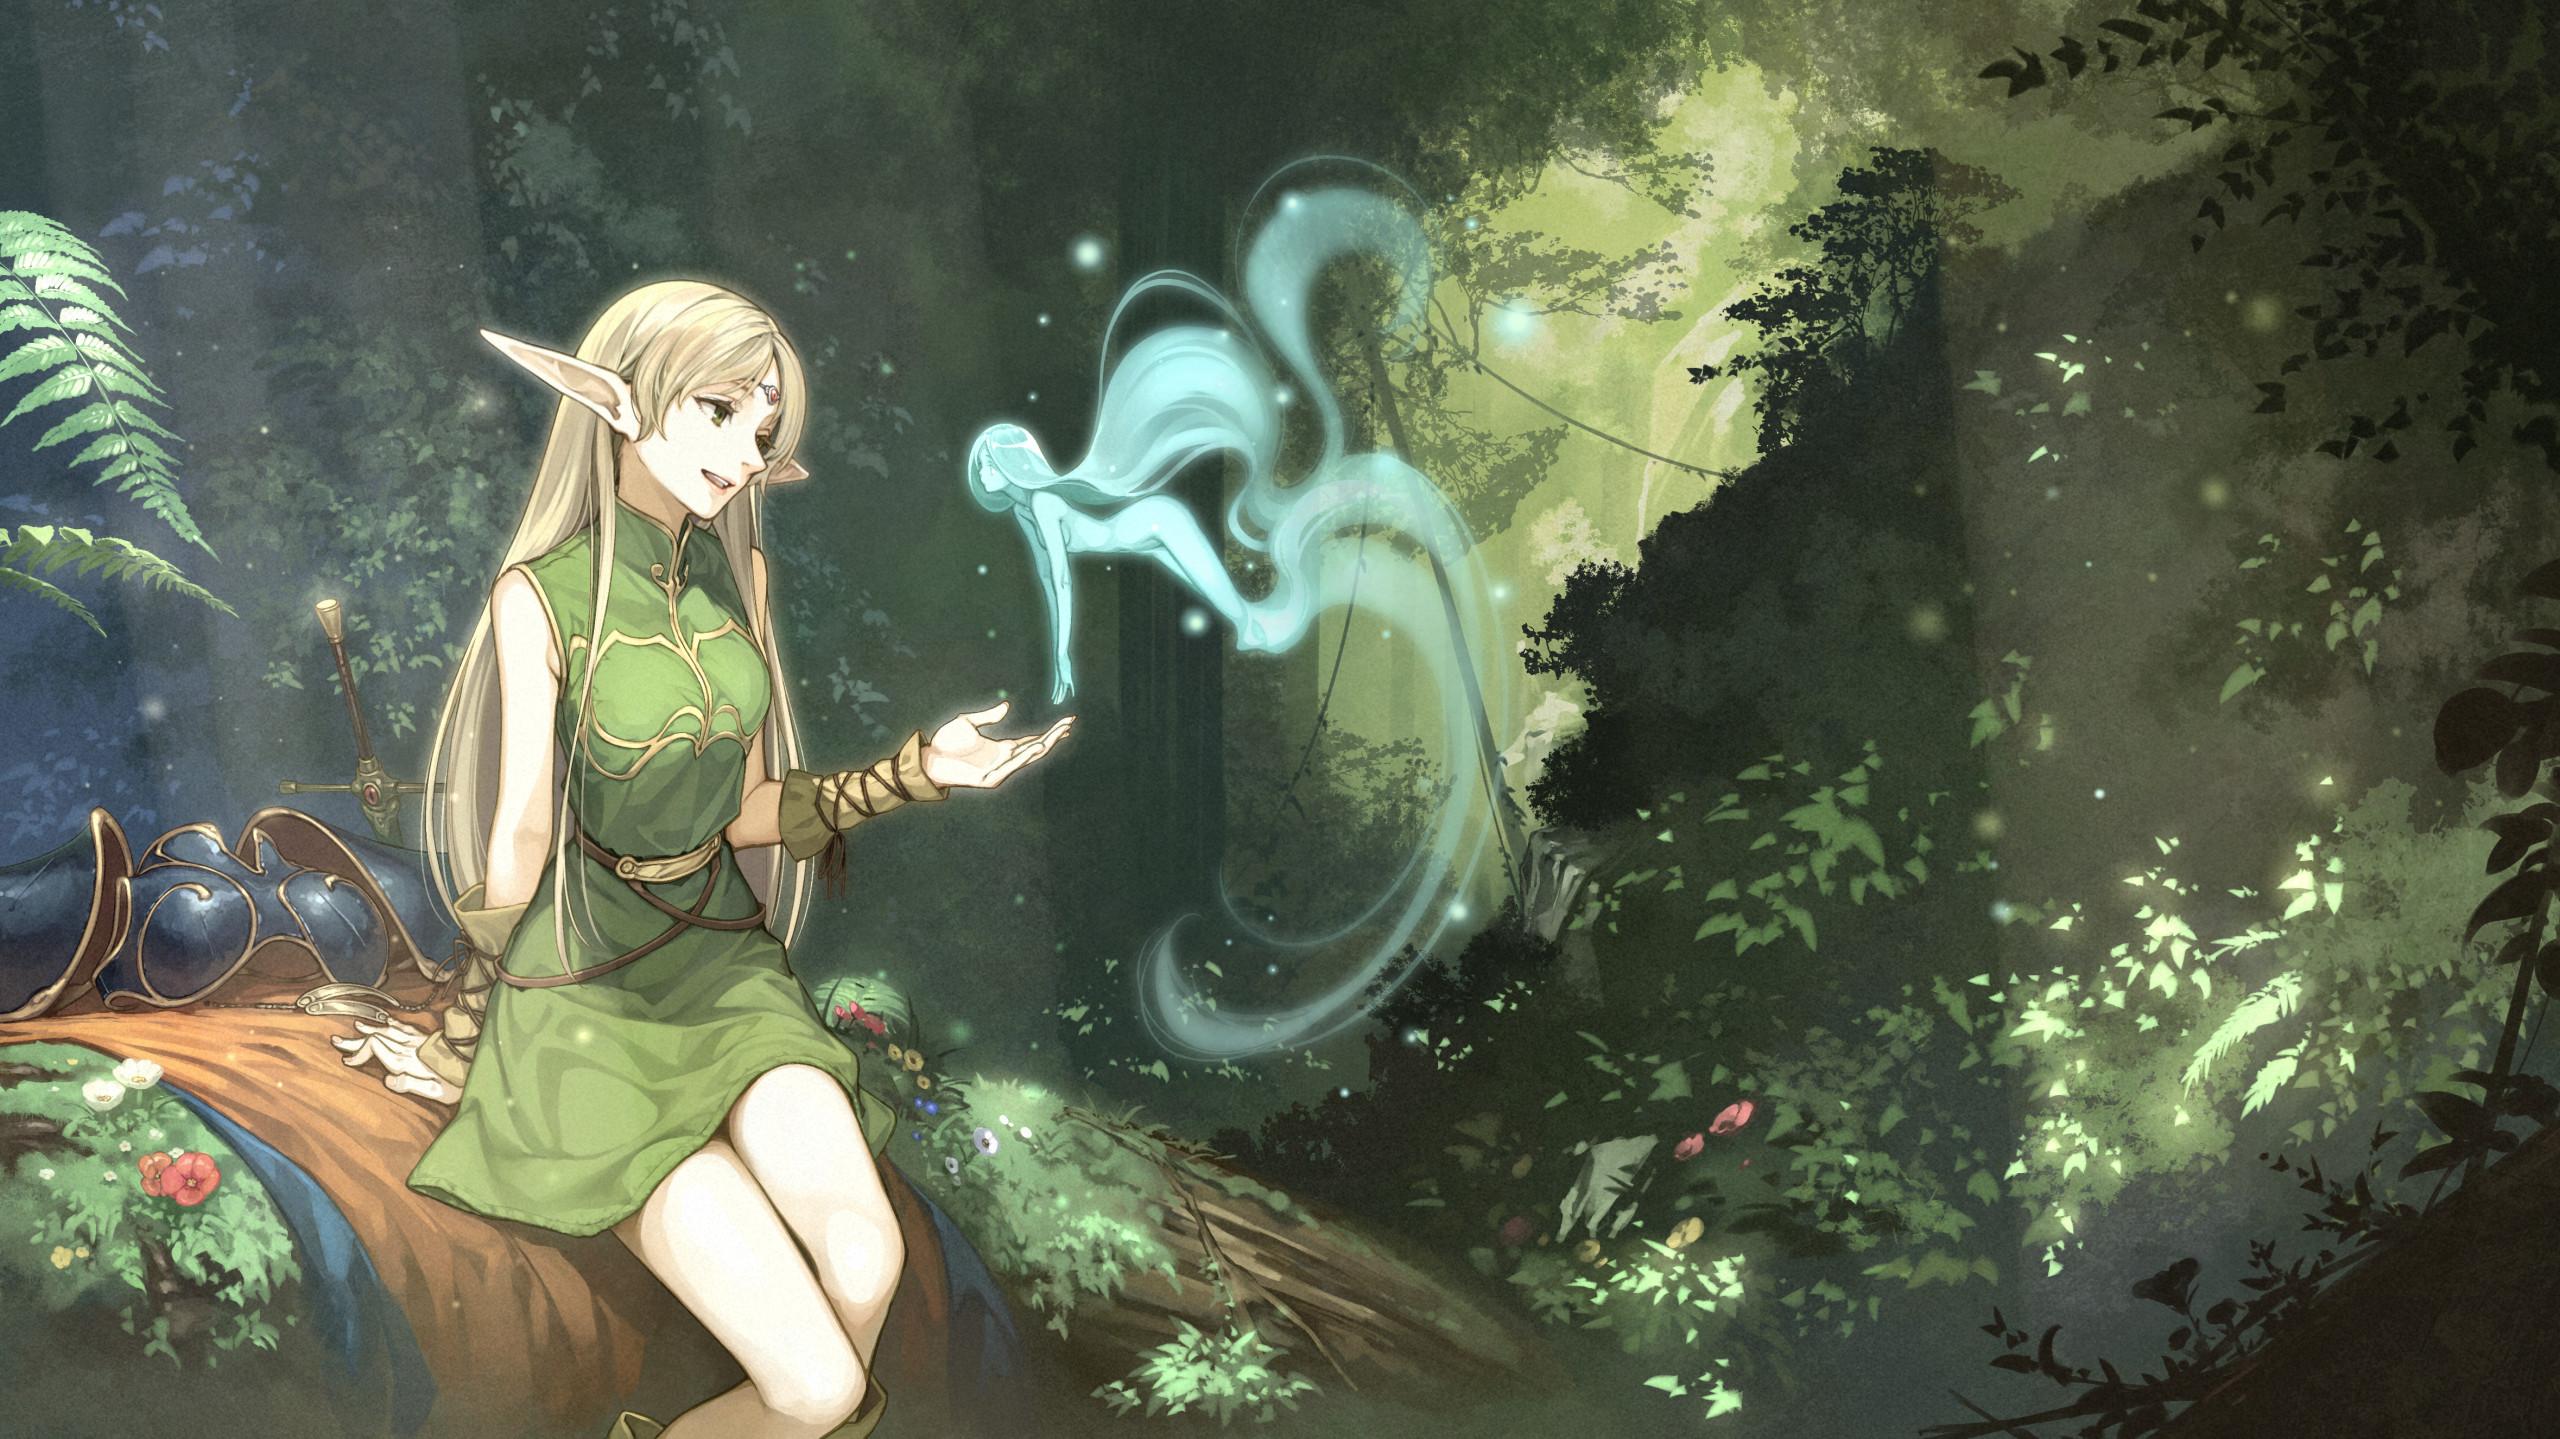 Wallpaper Record Of Lodoss War Deedlit Forest Elven